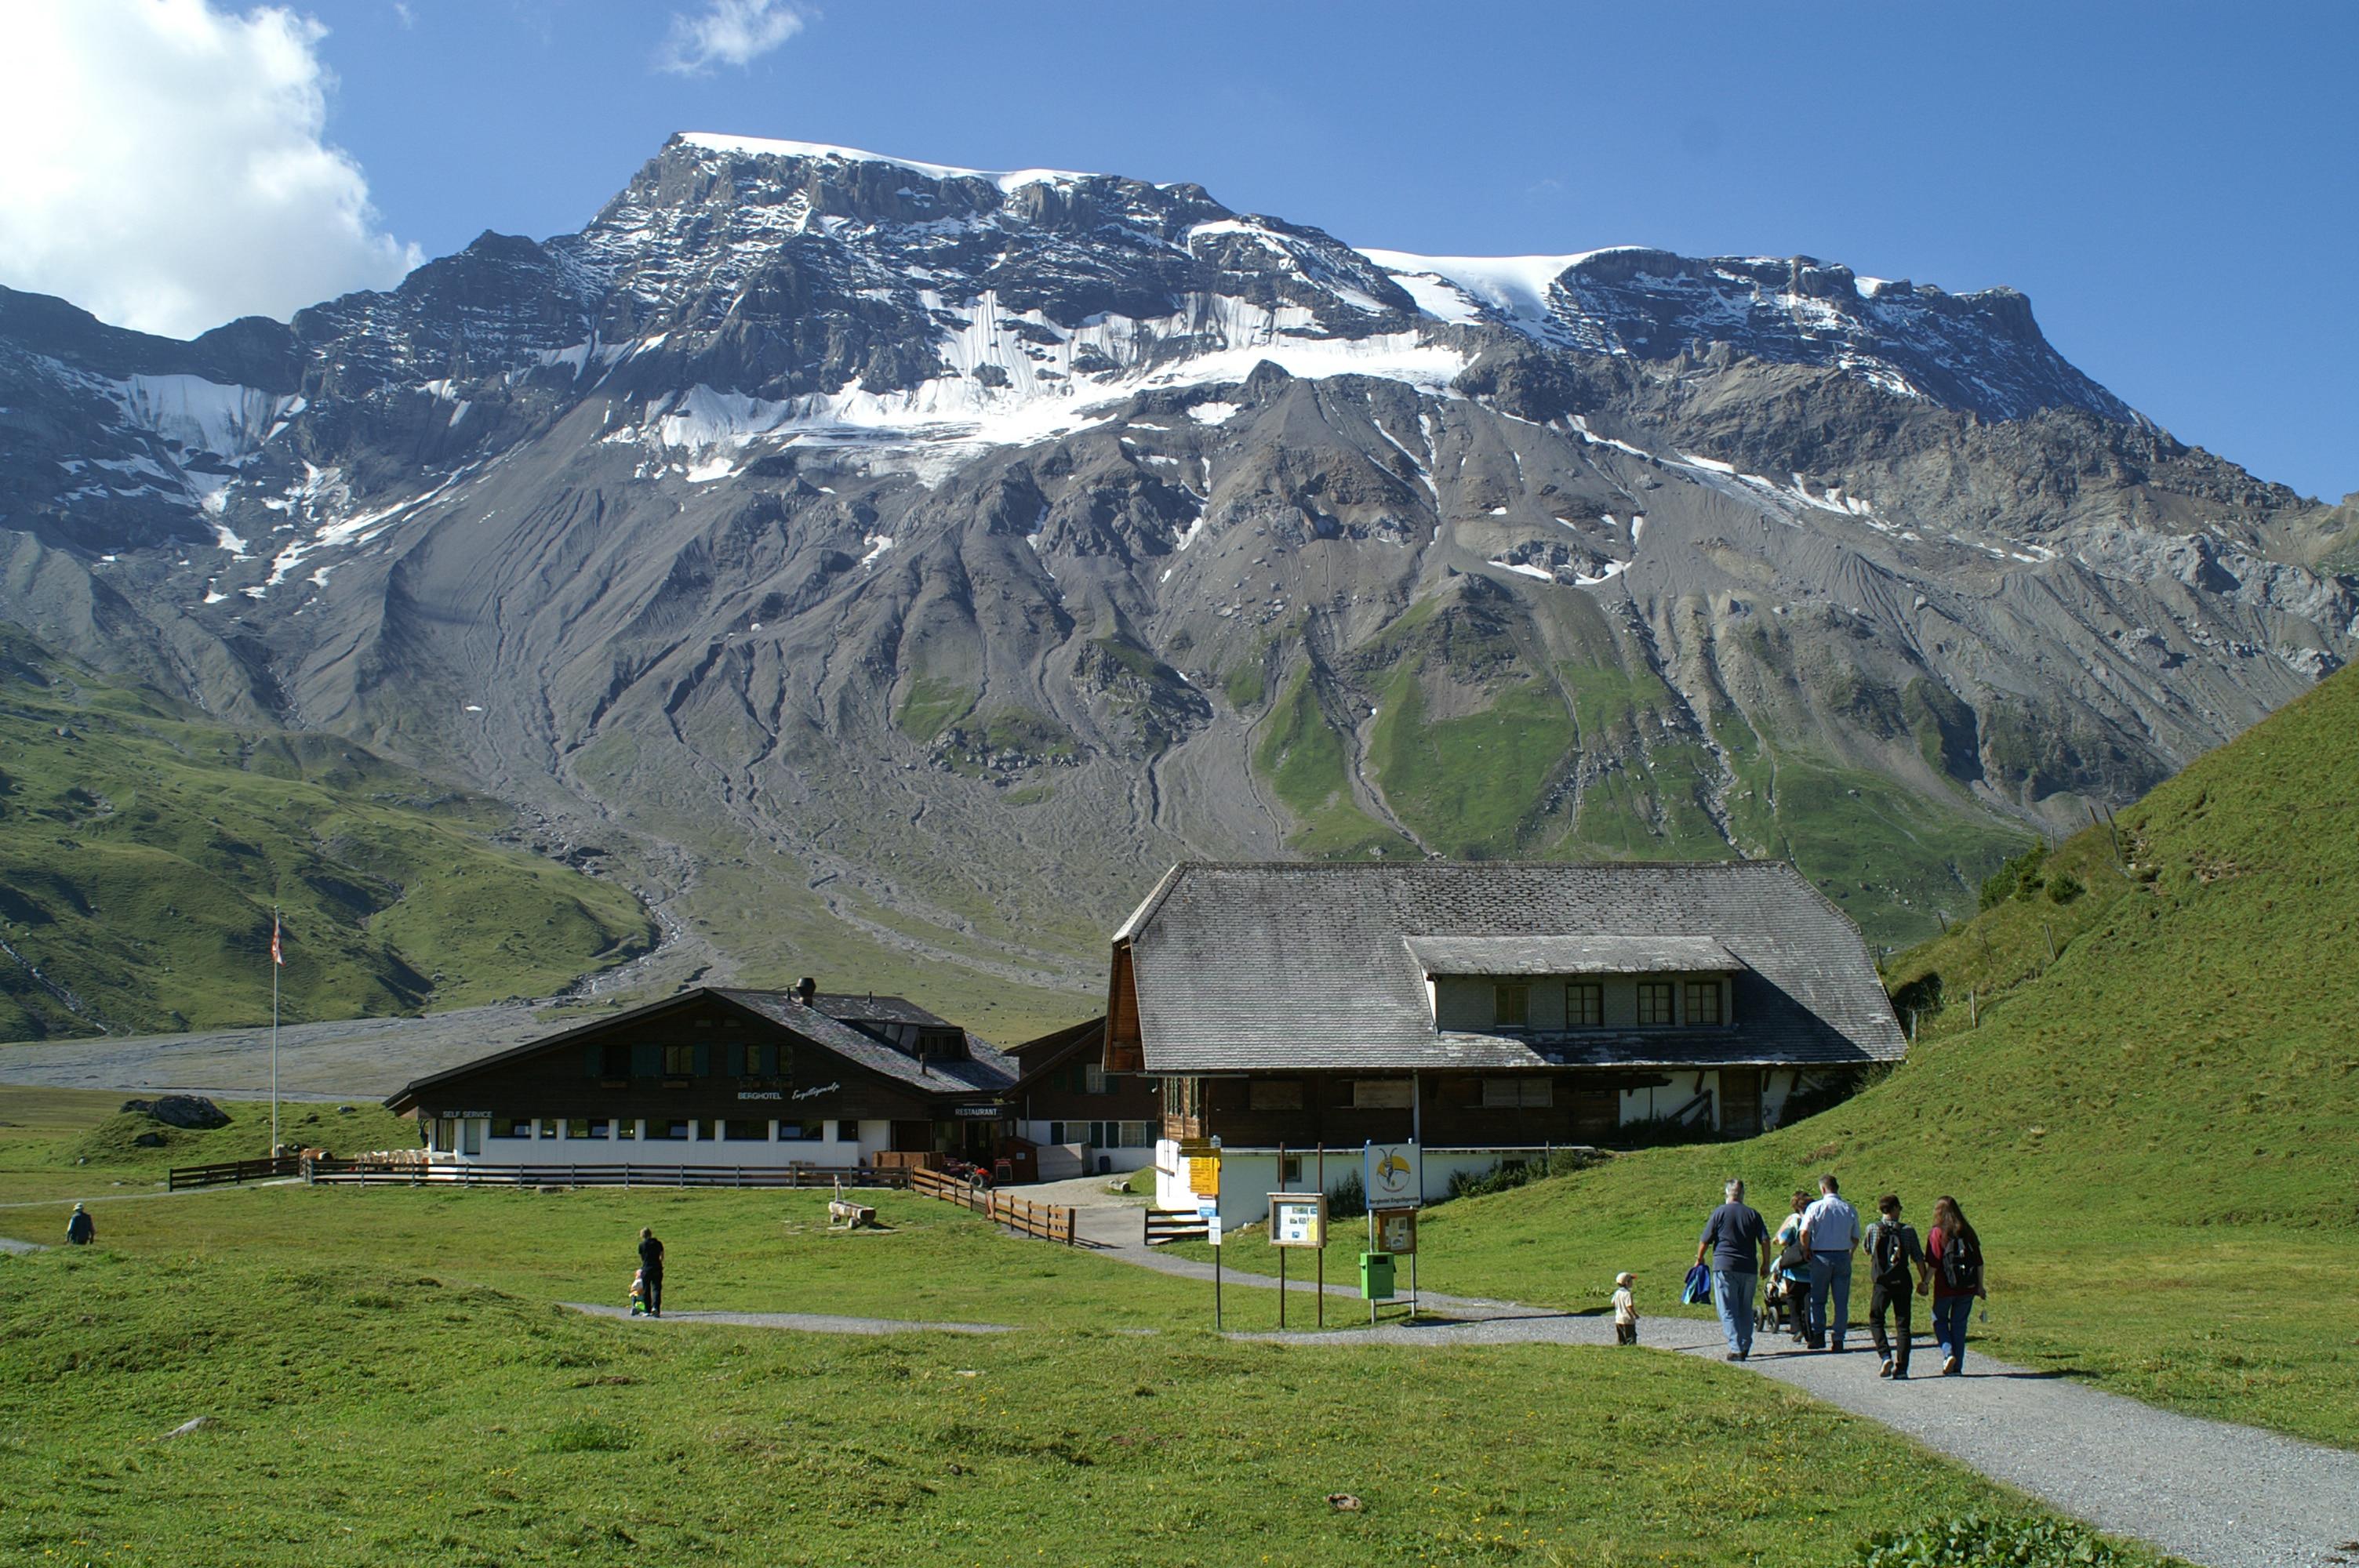 Klettersteig Engstligenalp : ▷ wandern wanderung auf die engstligenalp von a bergwelten